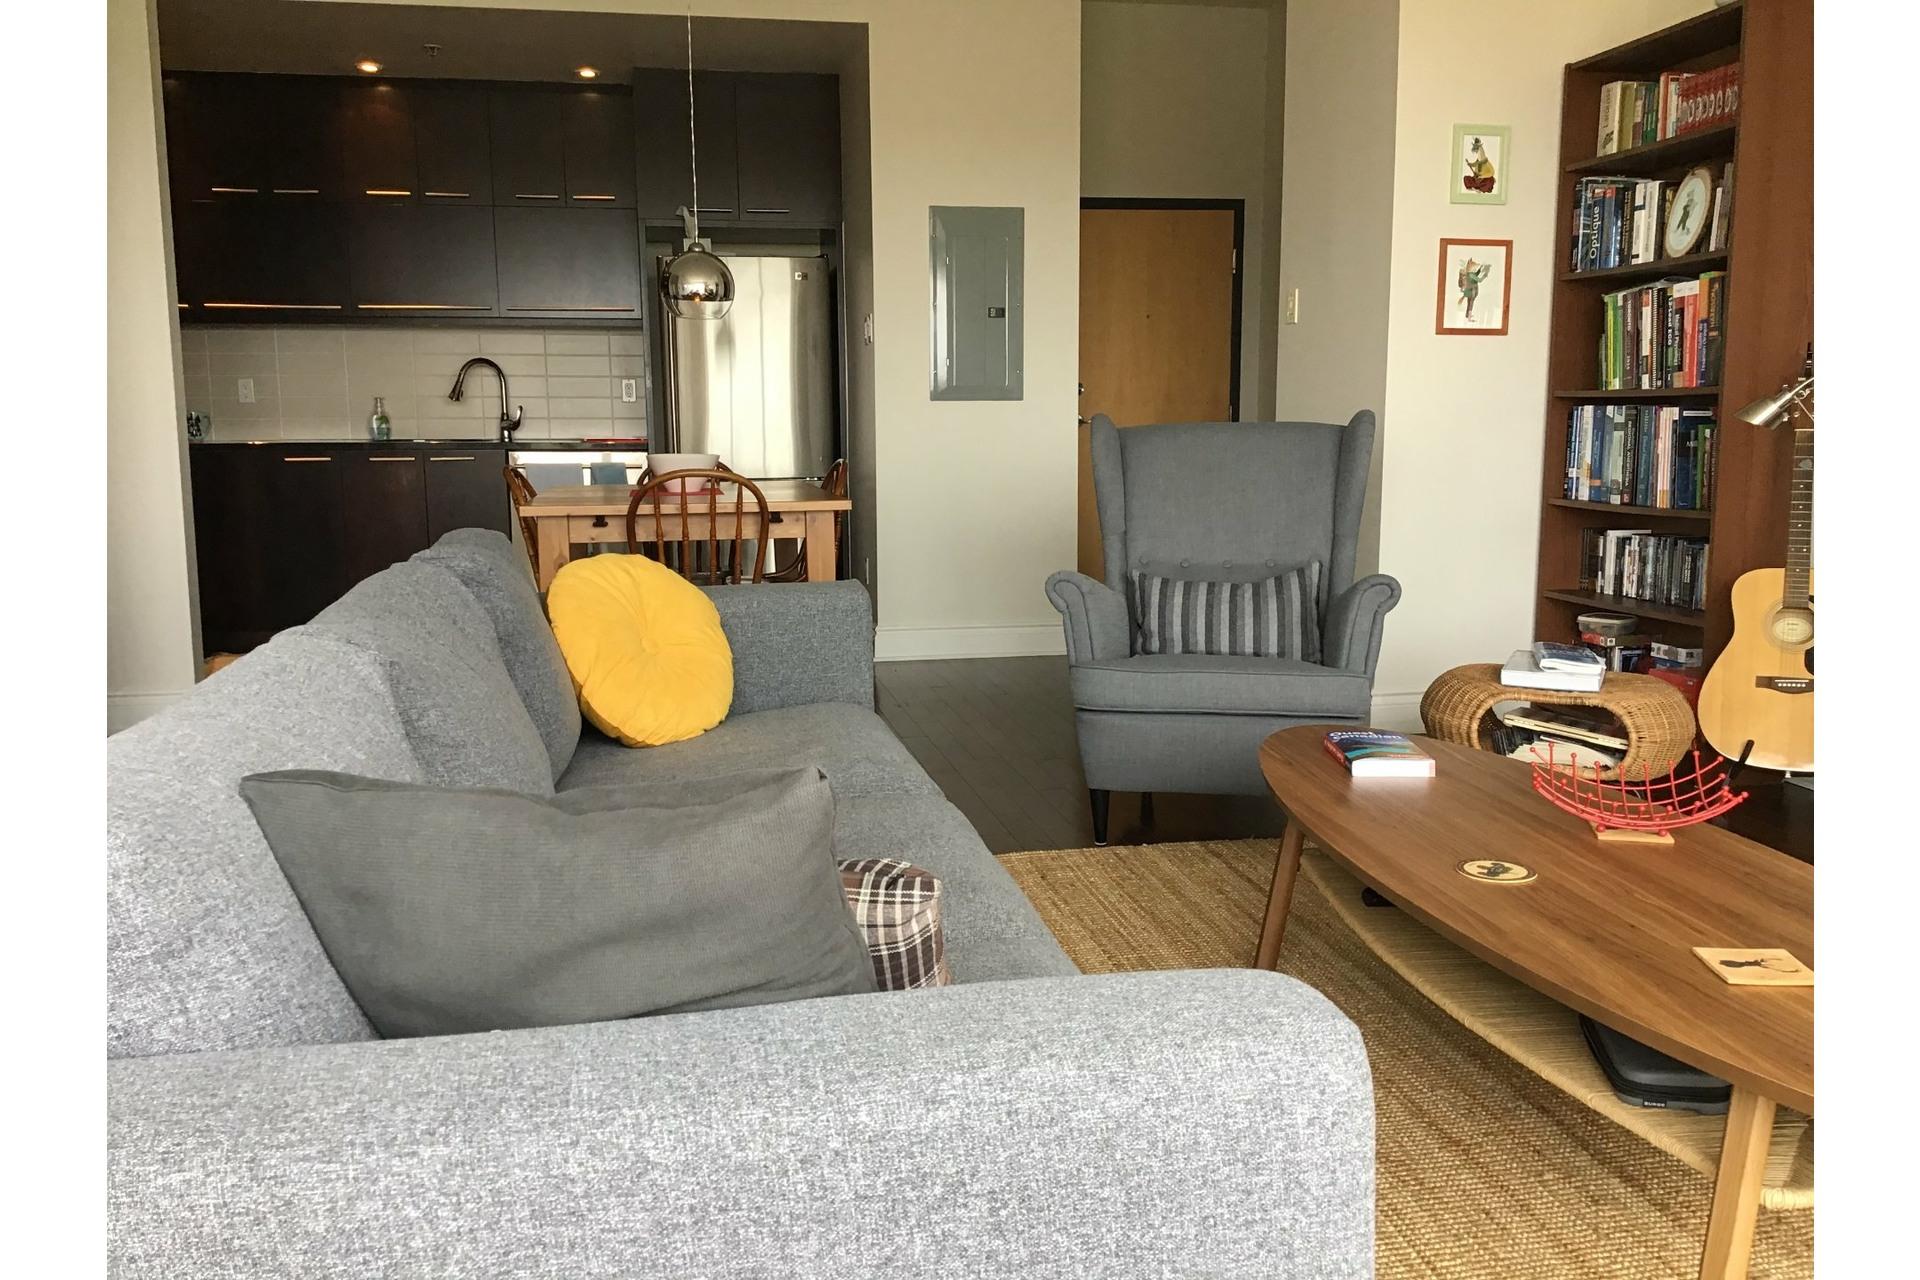 image 5 - Appartement À louer Le Plateau-Mont-Royal Montréal  - 4 pièces